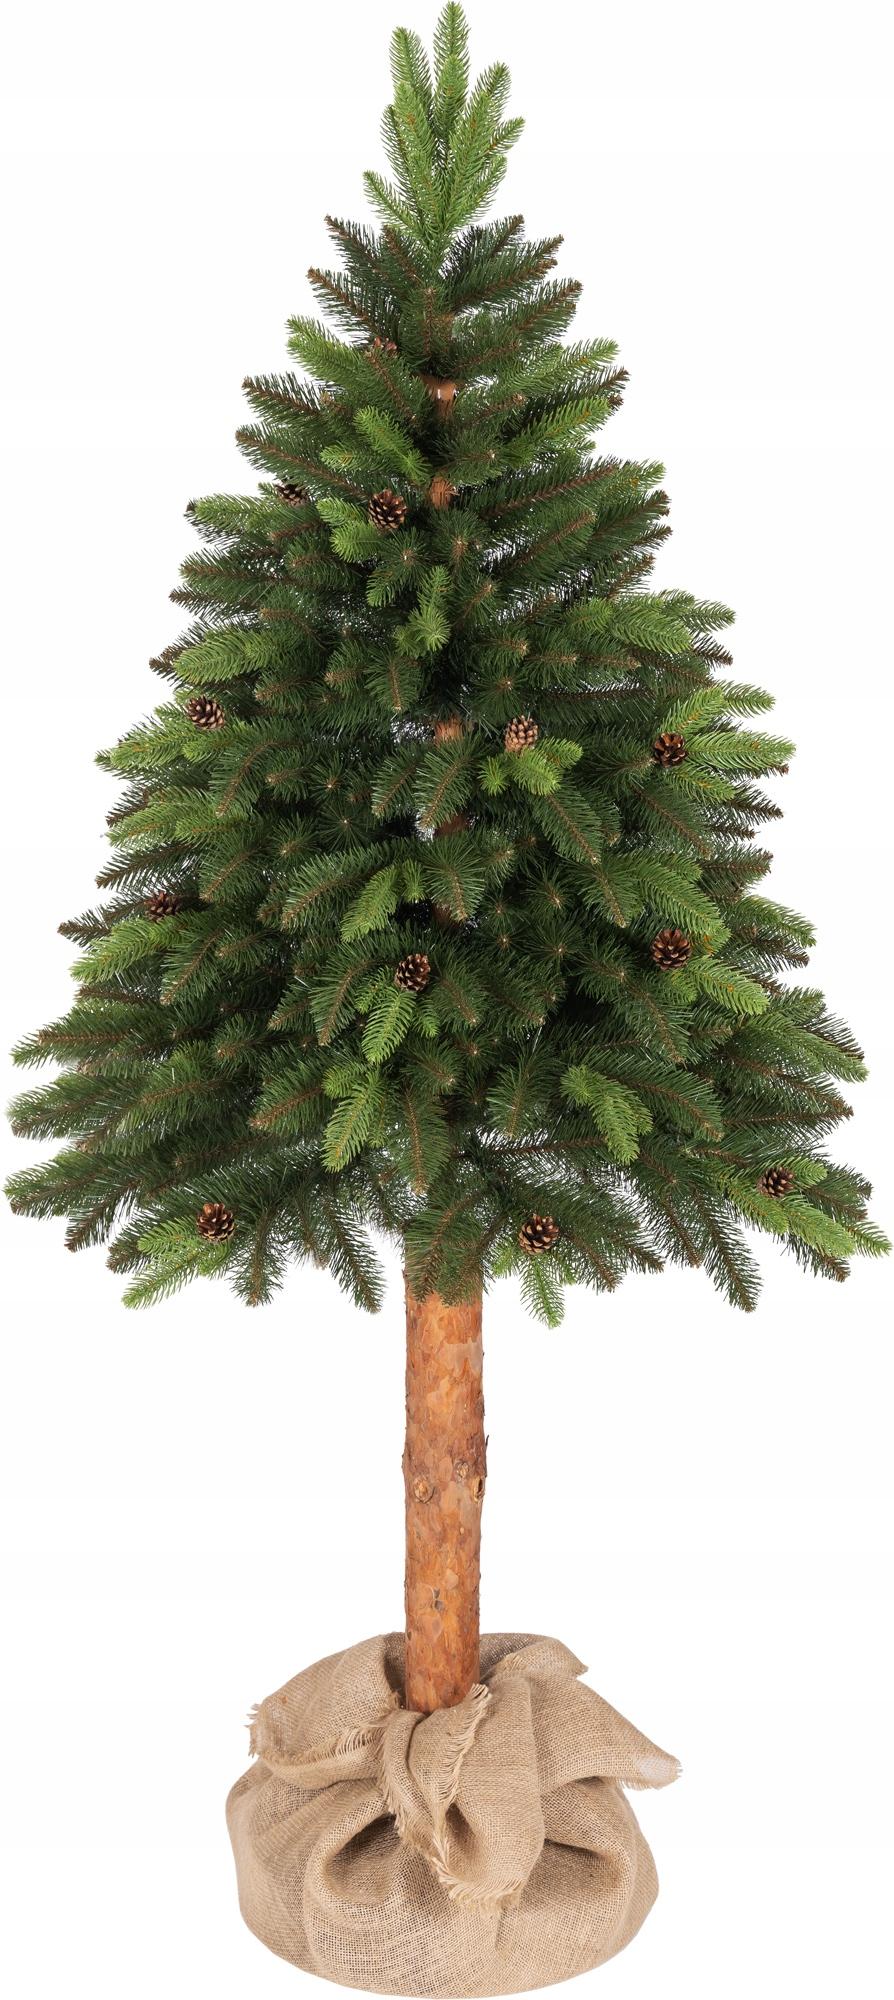 Umelý vianočný stromček Taliansky smrek na kmeni 220 cm